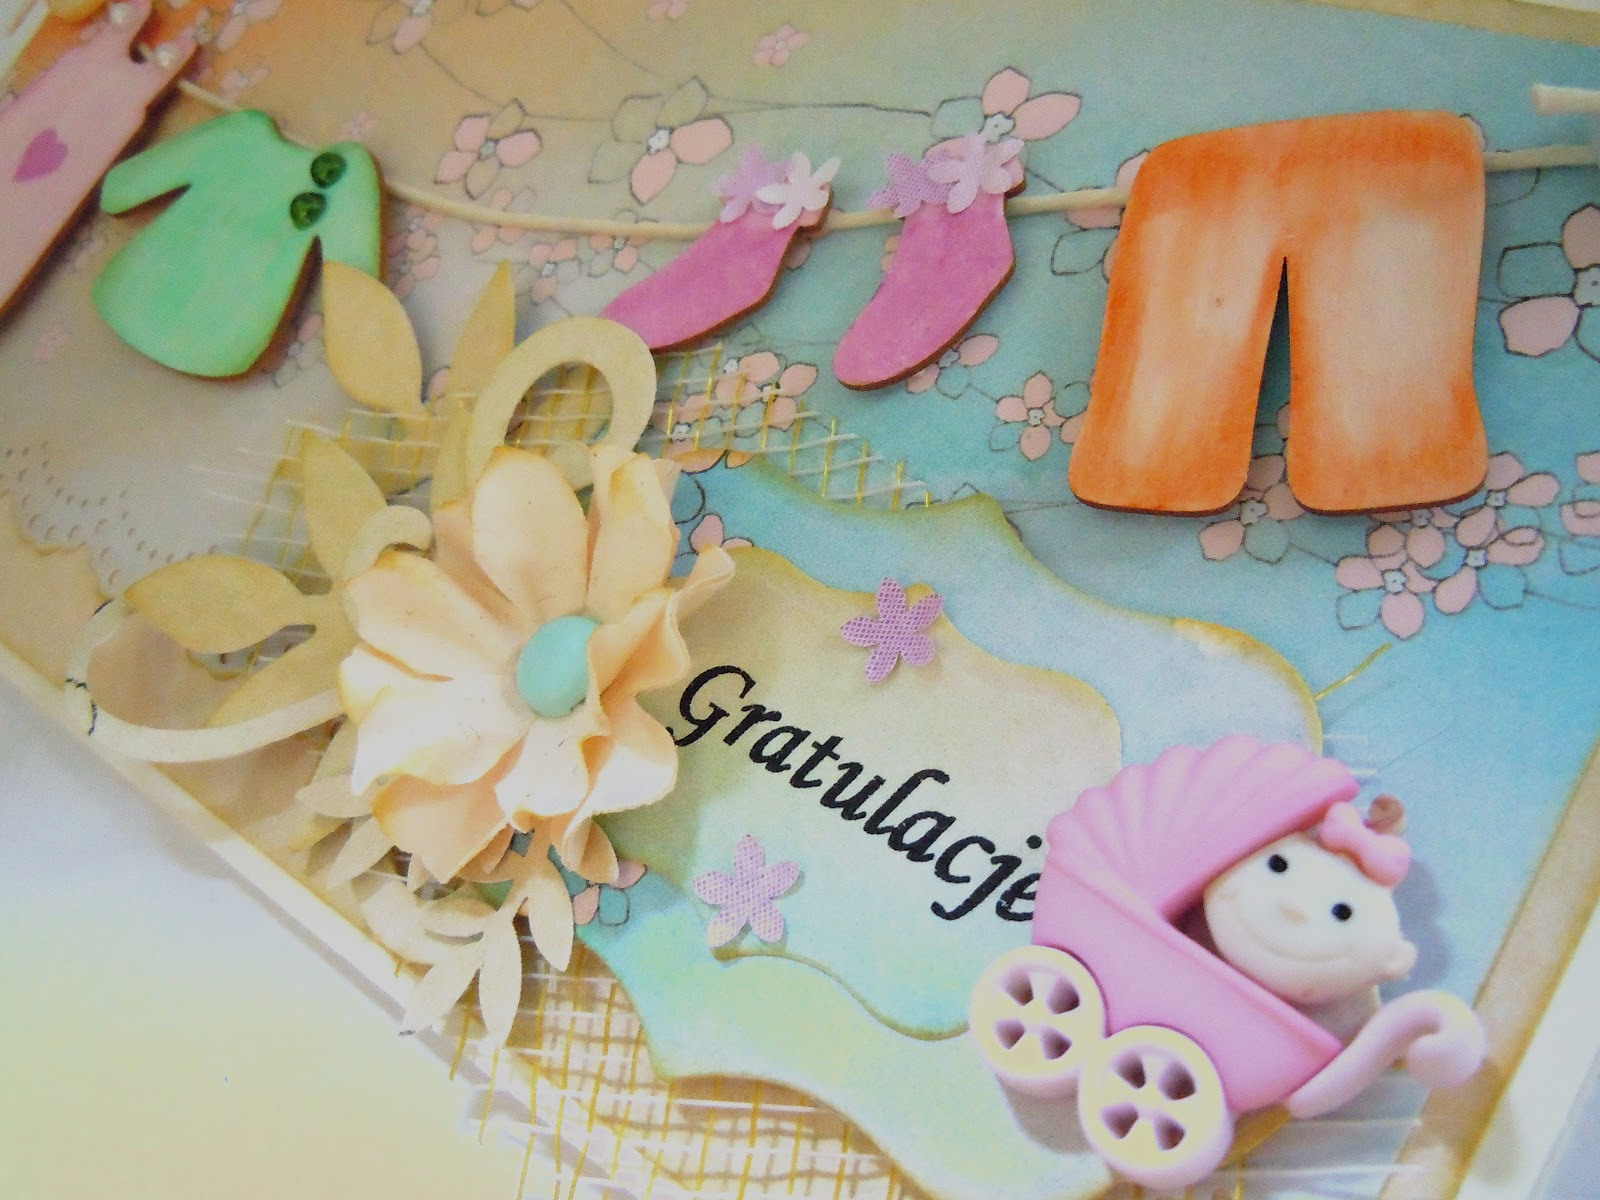 kartka handmade z okazji narodzin dziecka